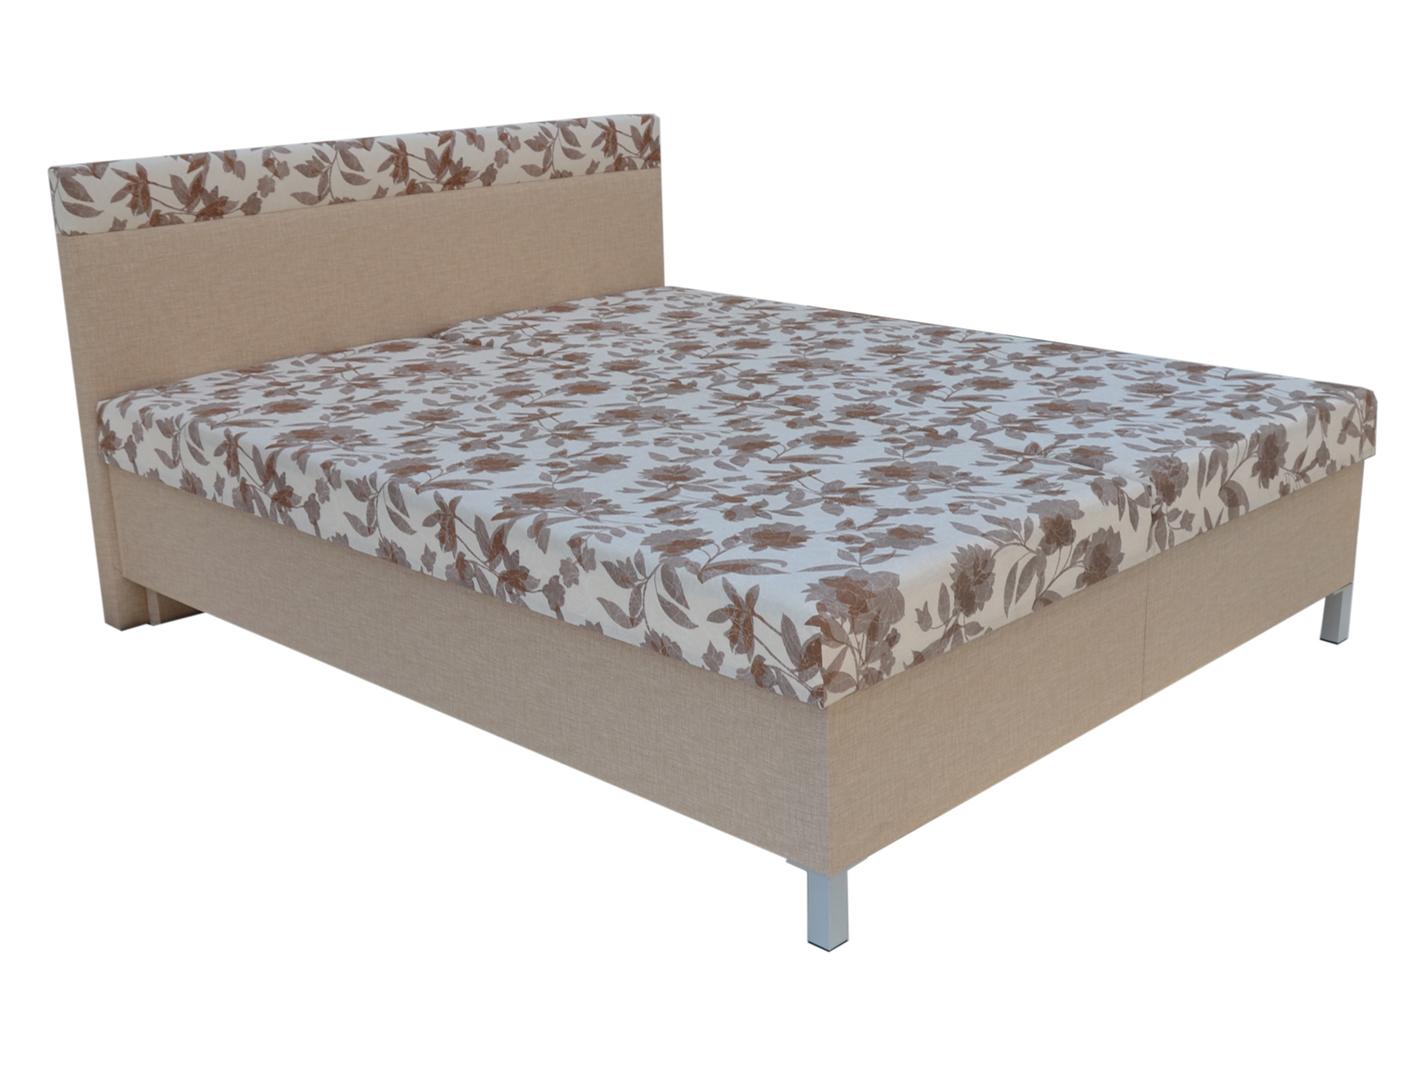 Manželská postel 160 cm - Mitru - Agata (béžová) (s rošty a matracemi)